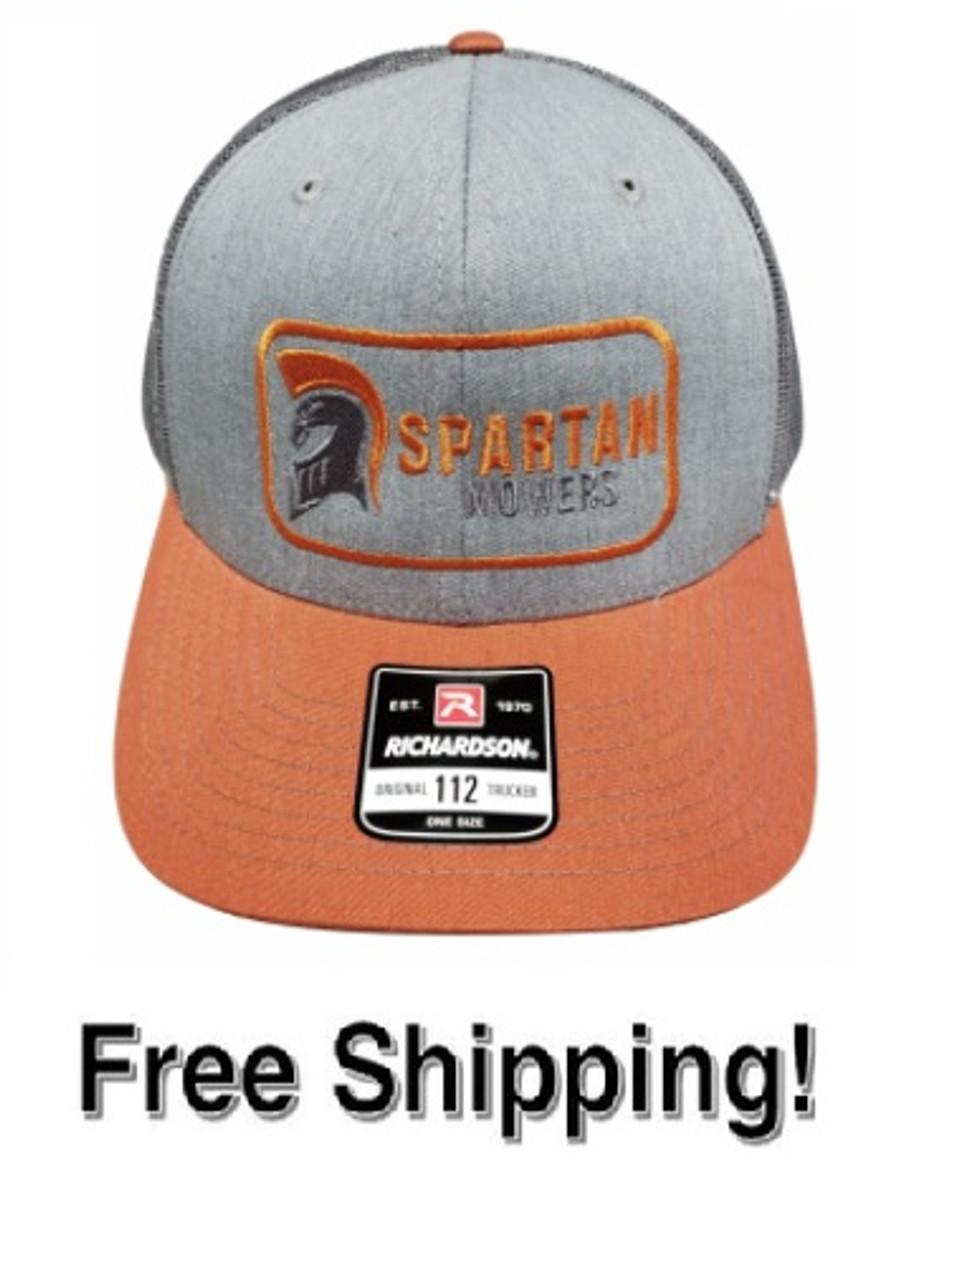 Spartan Dark Orange Bill Hat